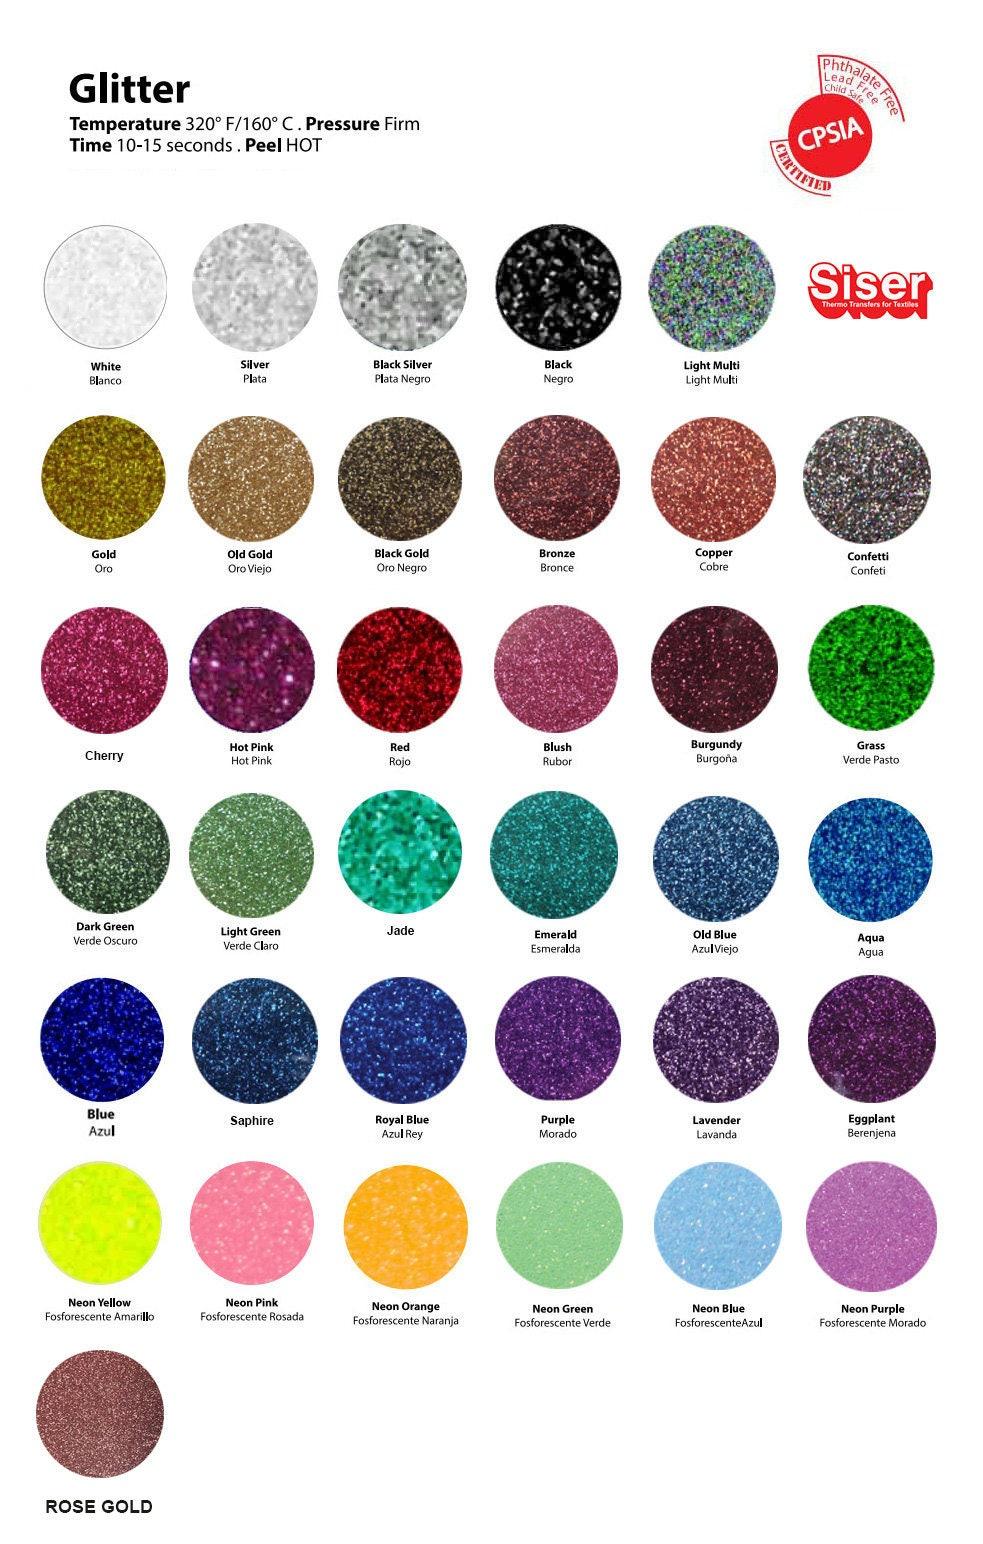 5 Sheets Siser Glitter Heat Transfer Vinyl 10 X